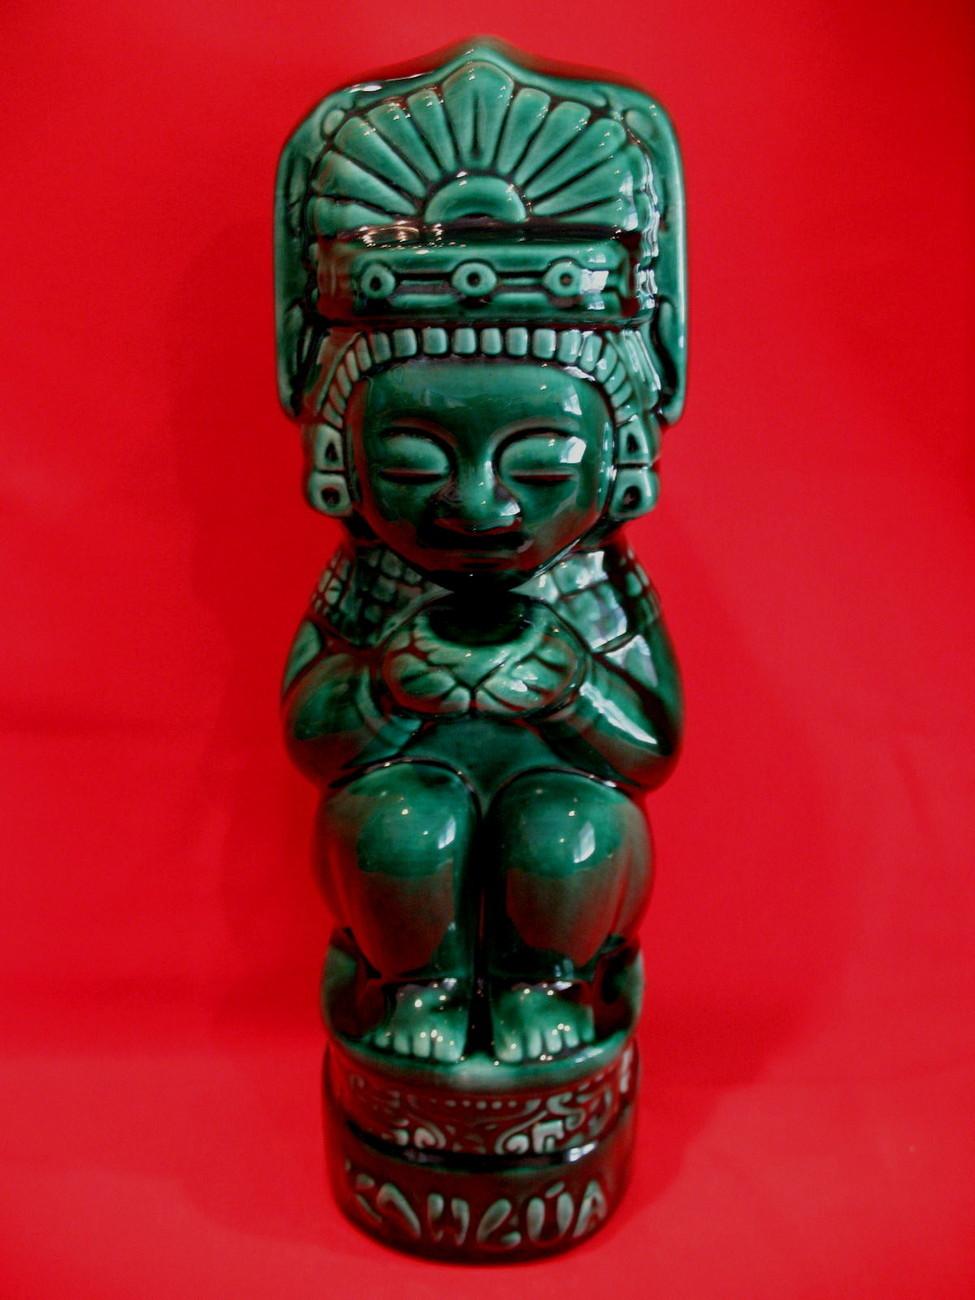 Vintage Dark Green Tiki Kahlua Decanter Bottle Collector Collectible Tiki Bar Other